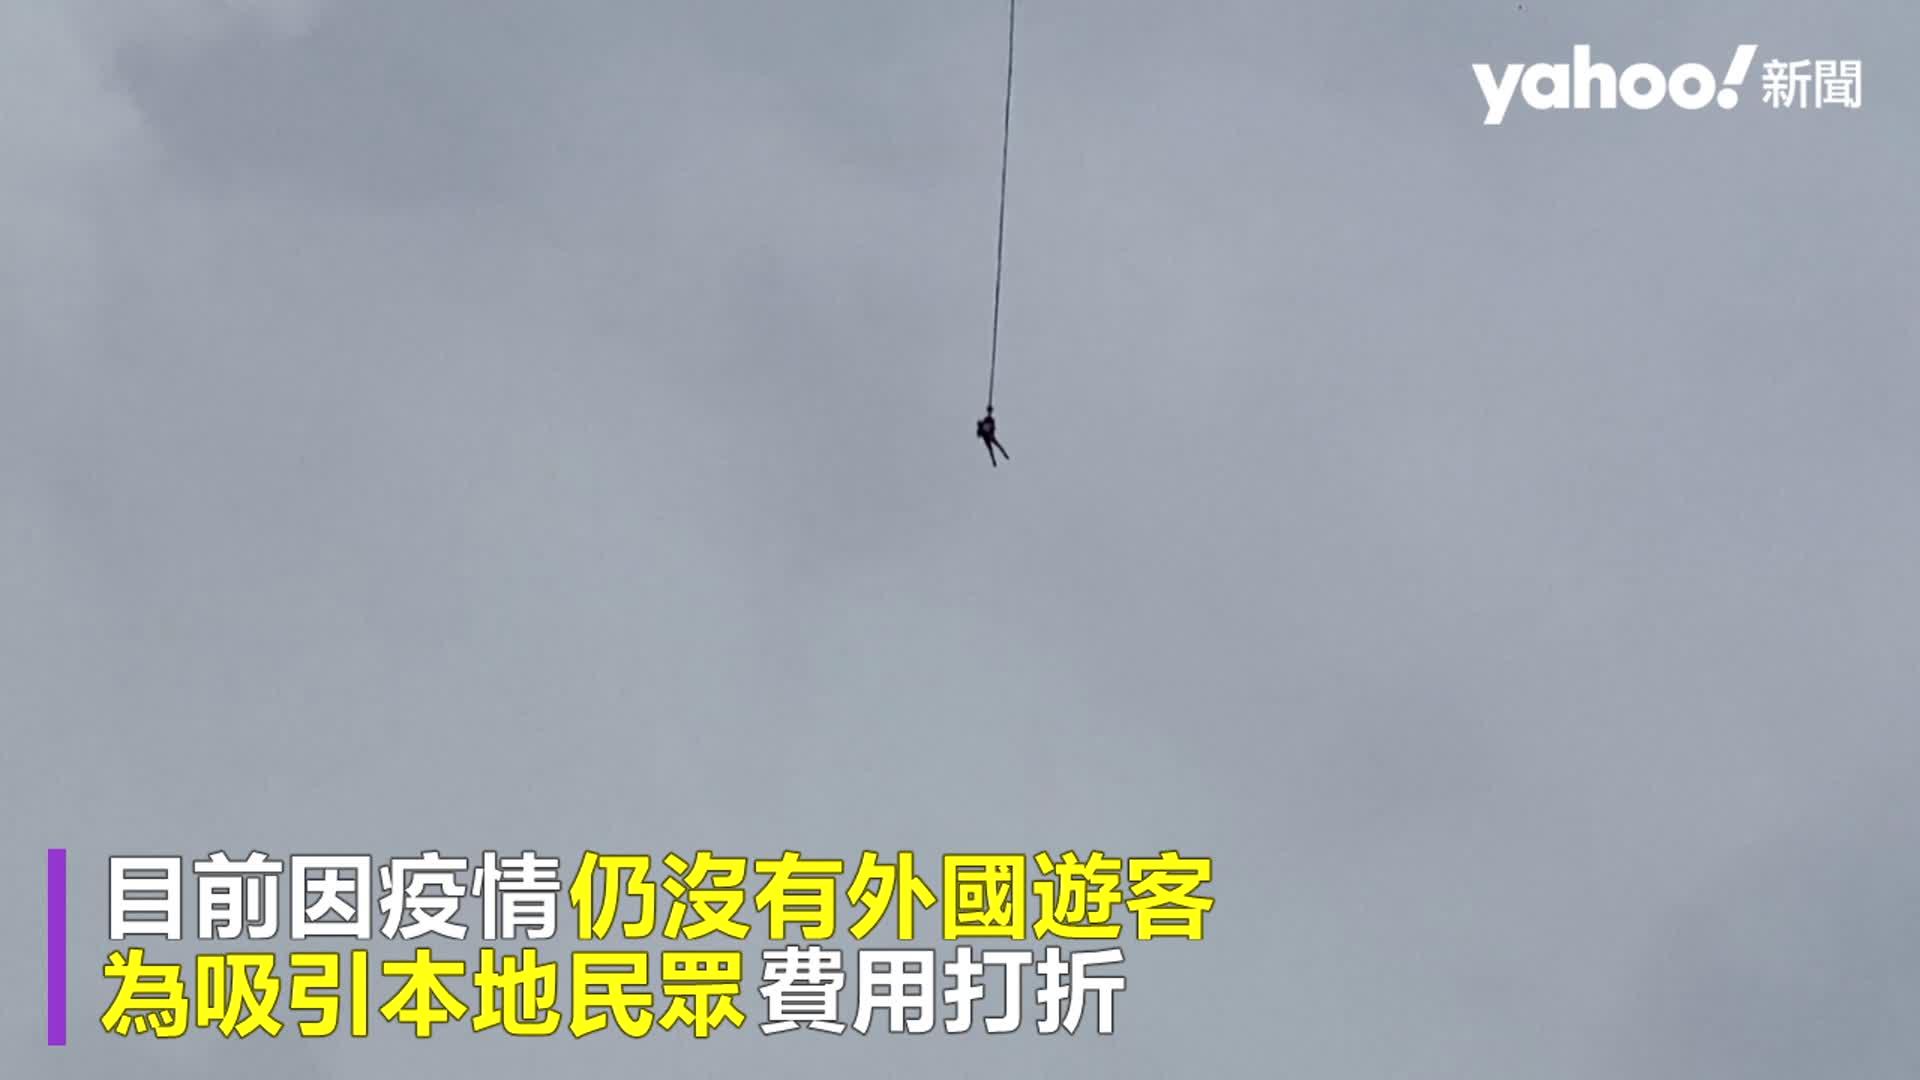 透明橋+離地260公尺 全世界最高高空彈跳張家界開幕